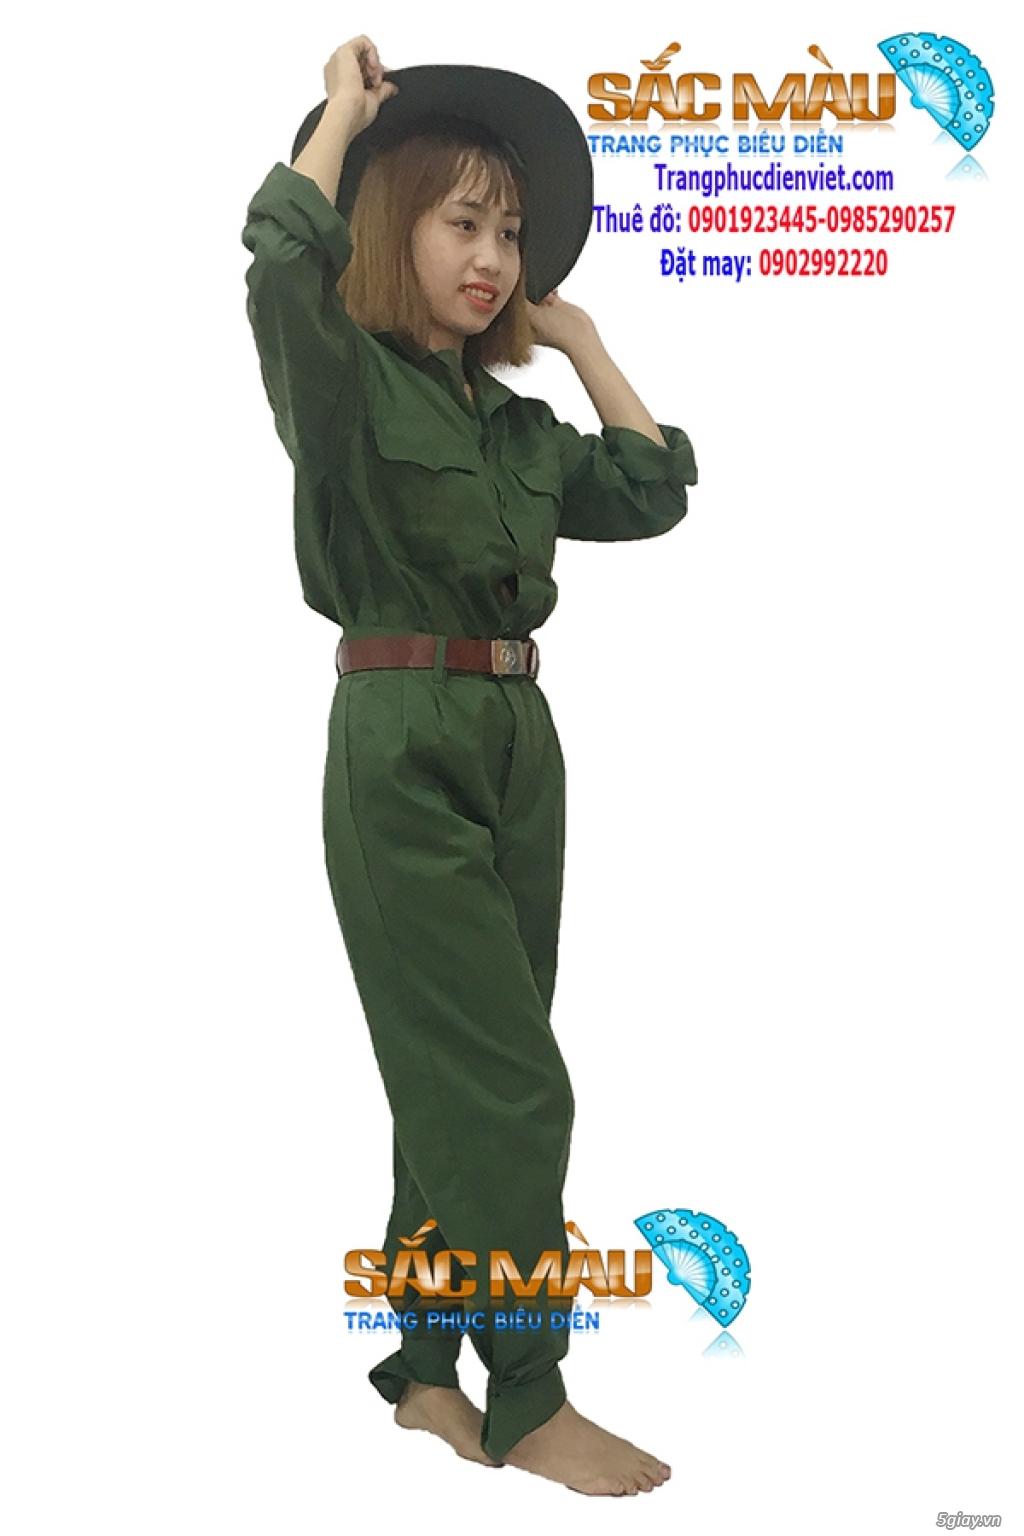 Cho thuê trang phục lính bộ đội, lính rằn ri giá rẻ quận 12, tphcm